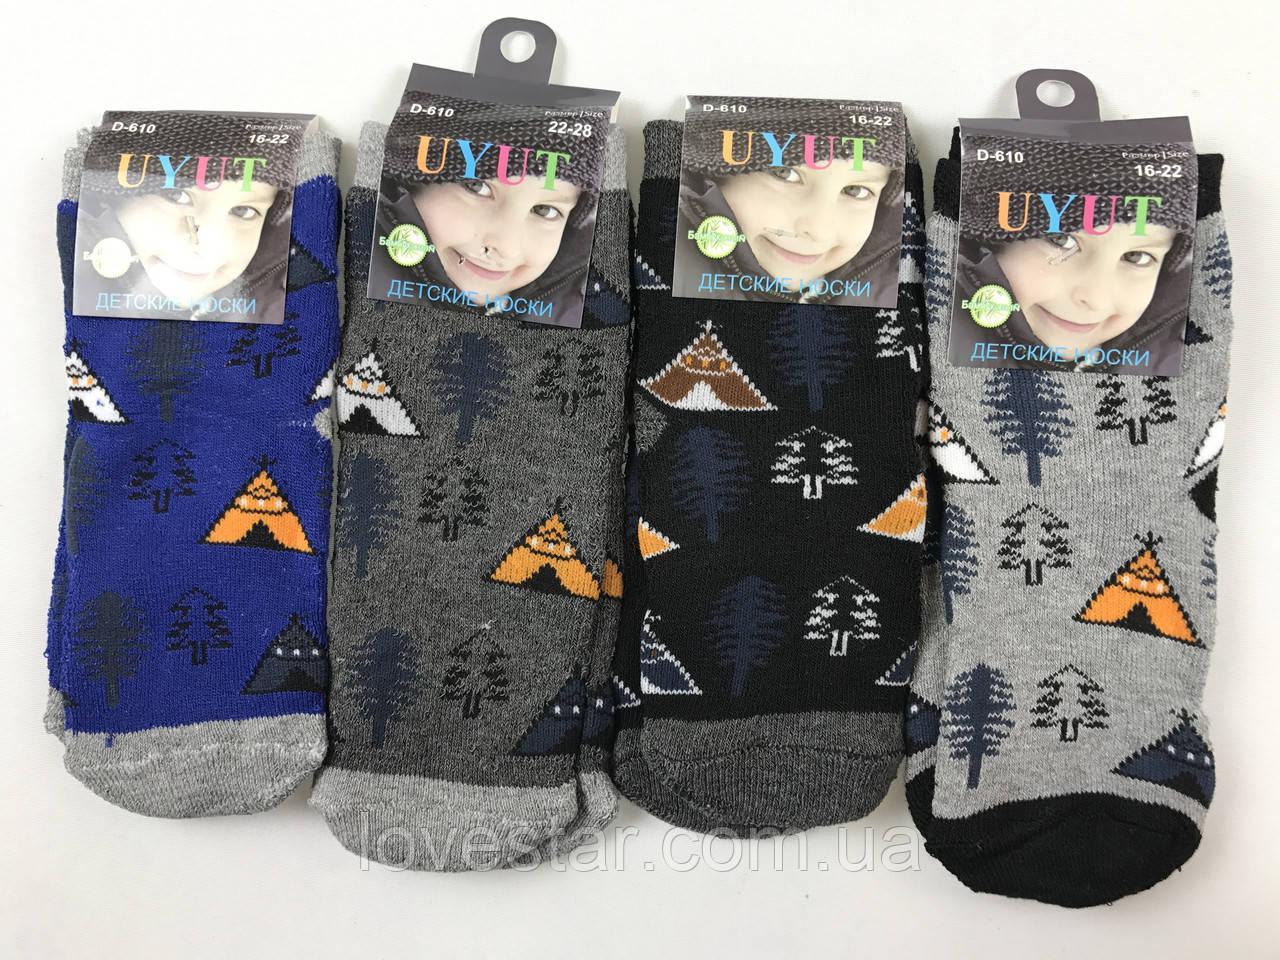 Детские махровые носки Уют 75%бамбука Р.р S